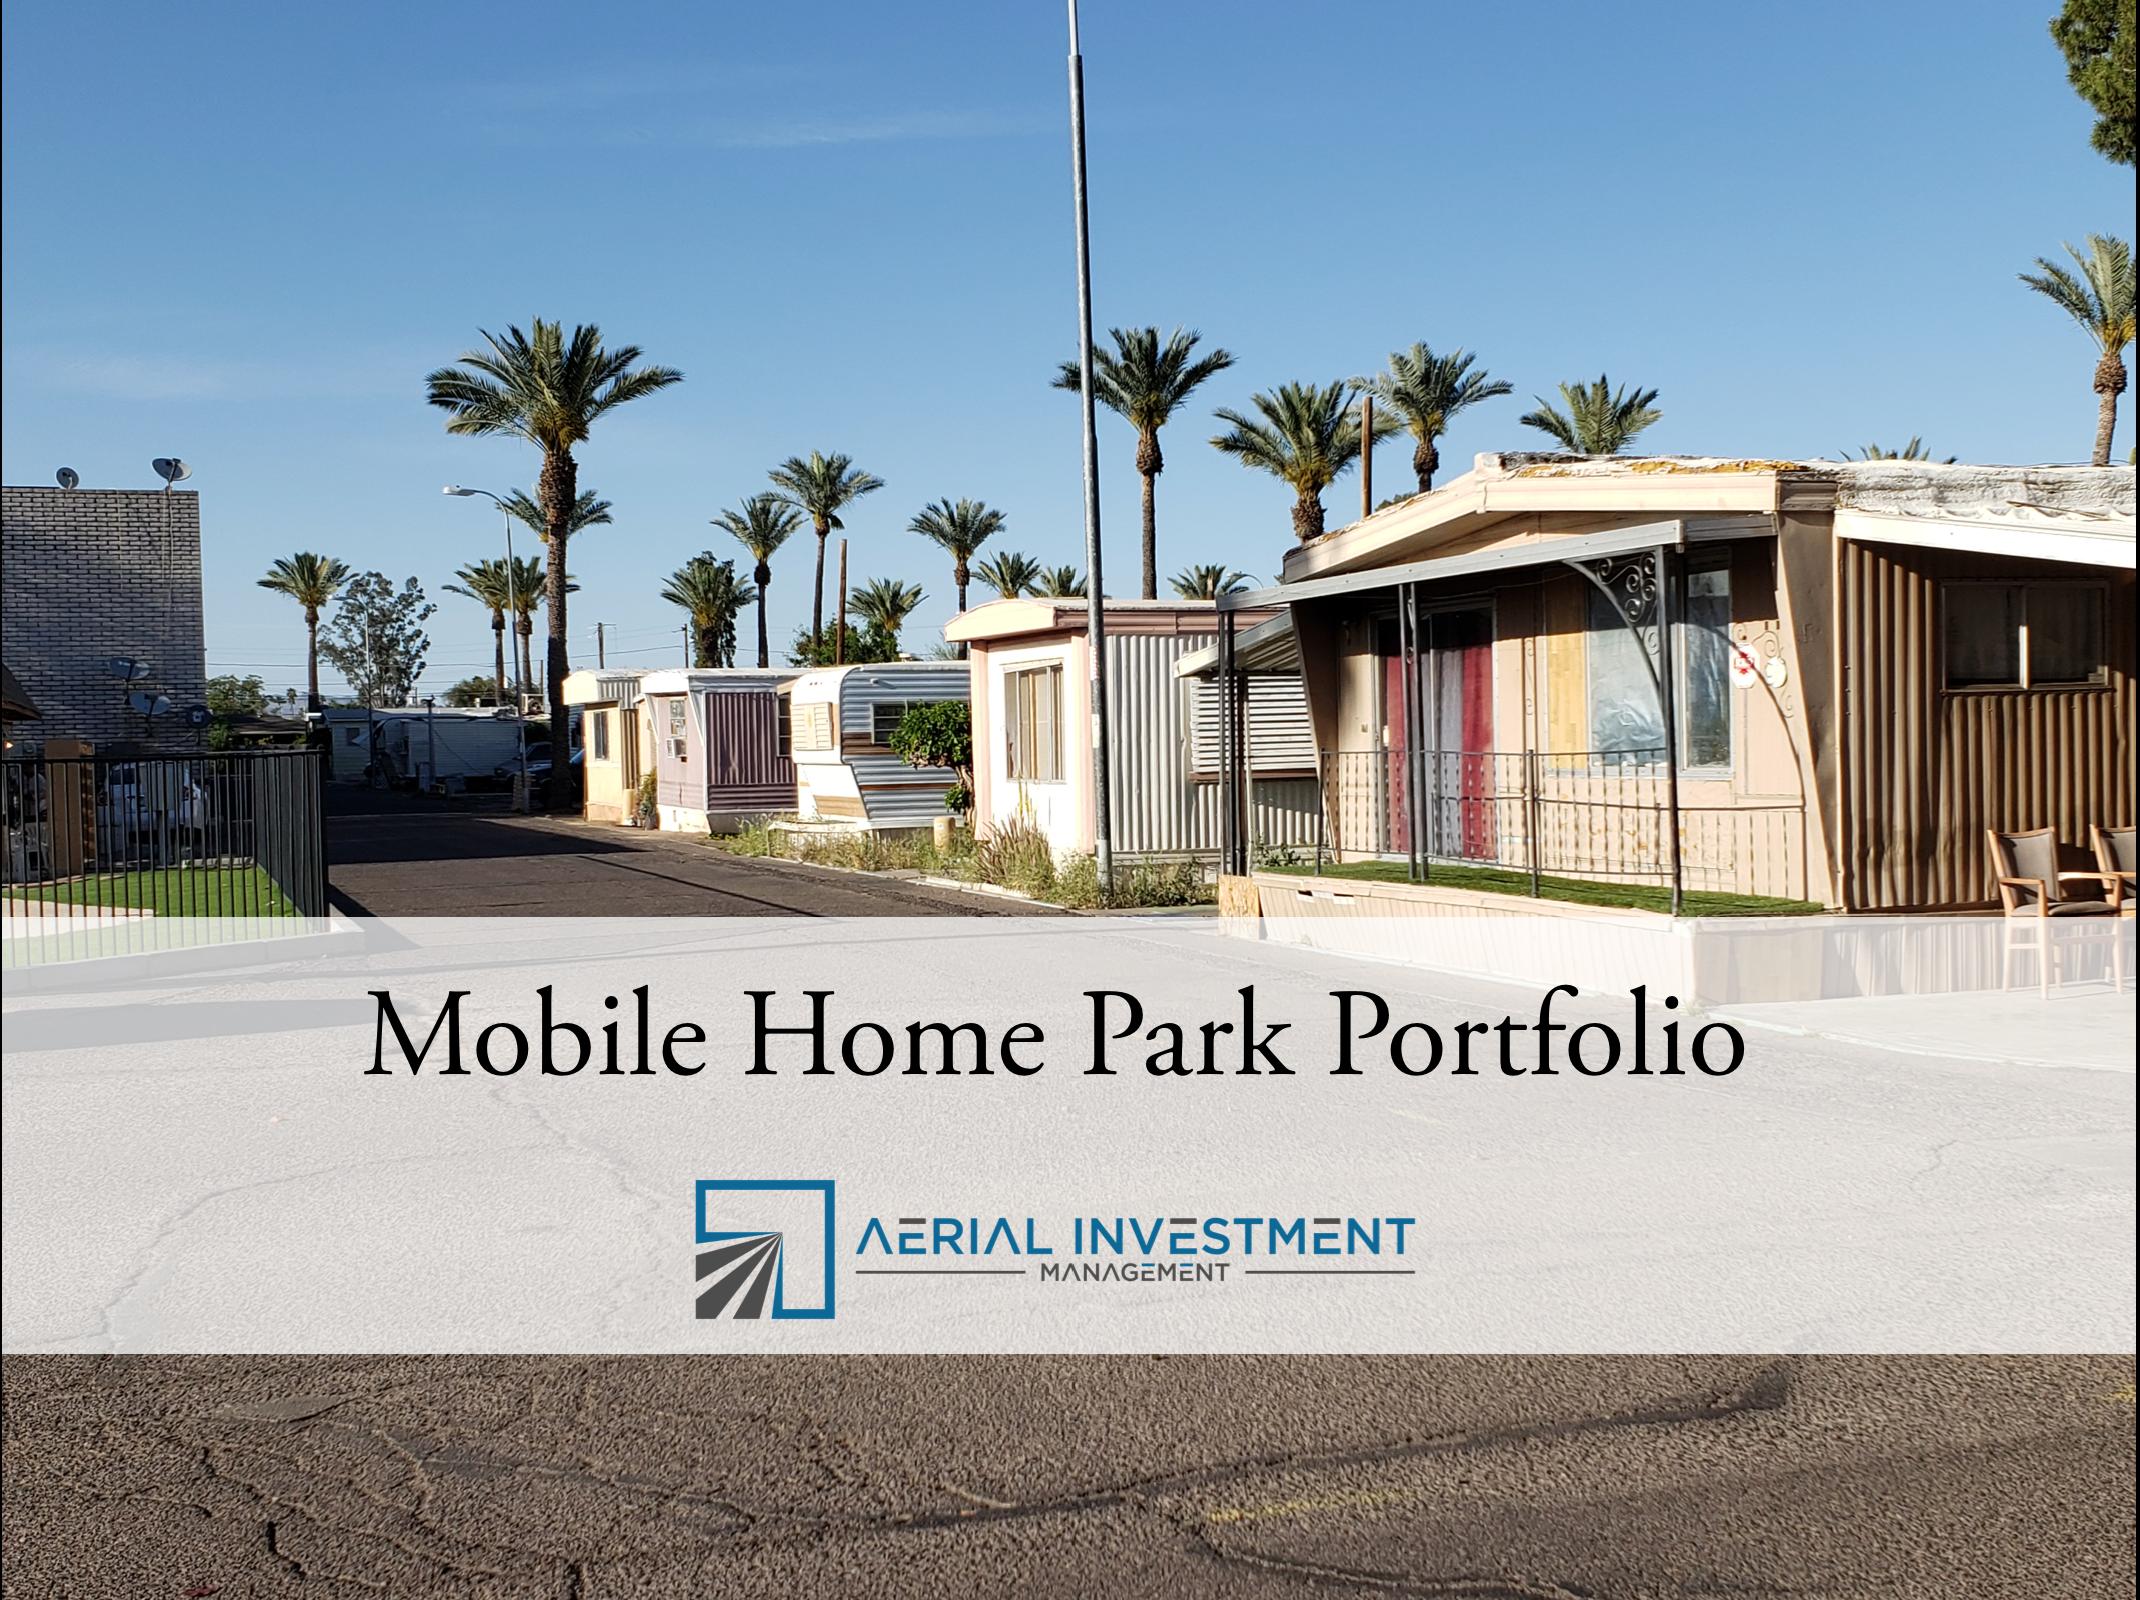 mobile home park portfolio